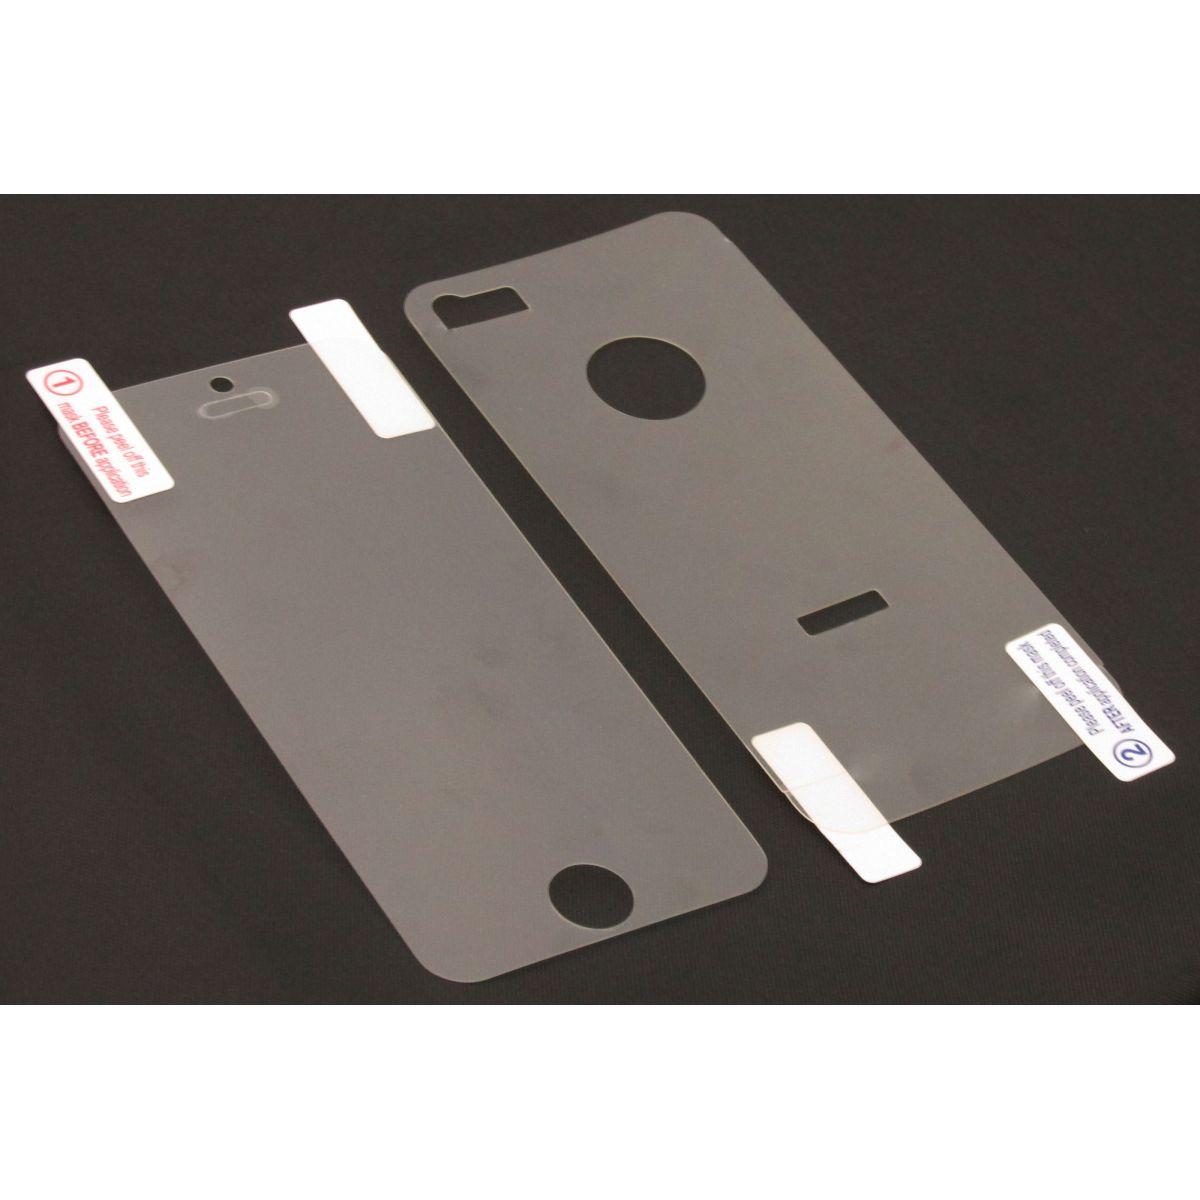 Pelicula Protetora para Iphone 5g Frente e Verso Fosca